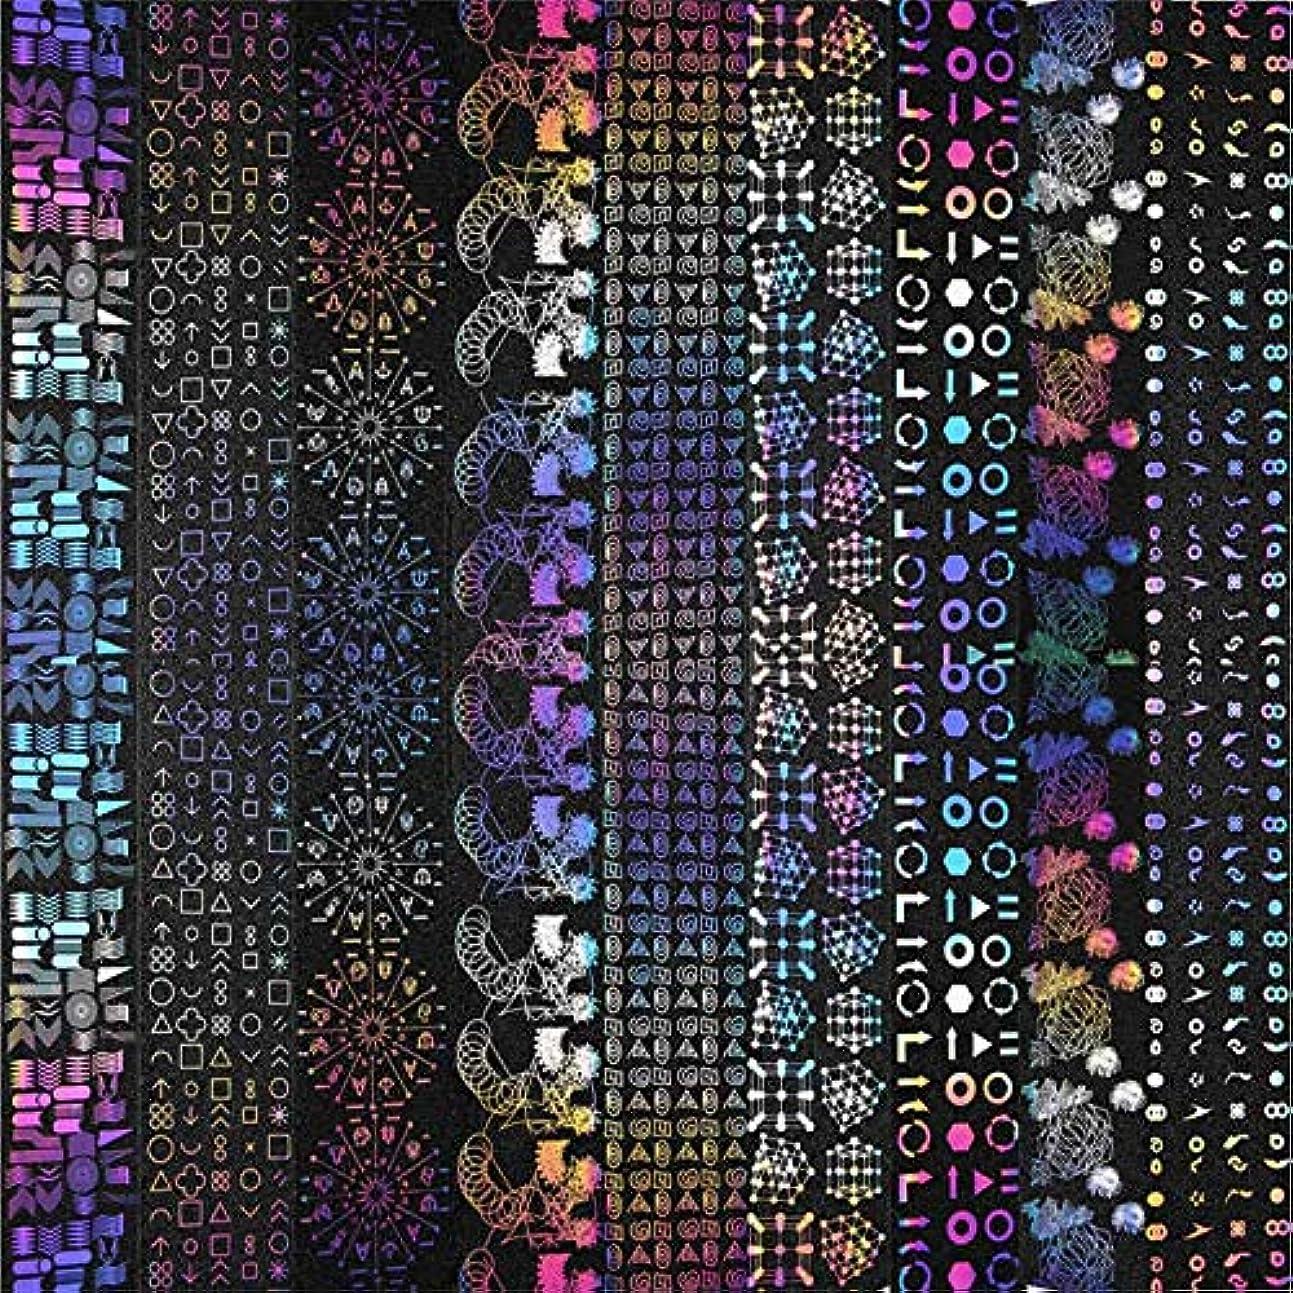 ヘロインパーチナシティ郵便局SUKTI&XIAO ネイルステッカー ネイルホイル星空幾何学模様ネイルアート転写ステッカーホログラフィック接着剤のヒントネイルデコレーションセット、Jq327-Jq335